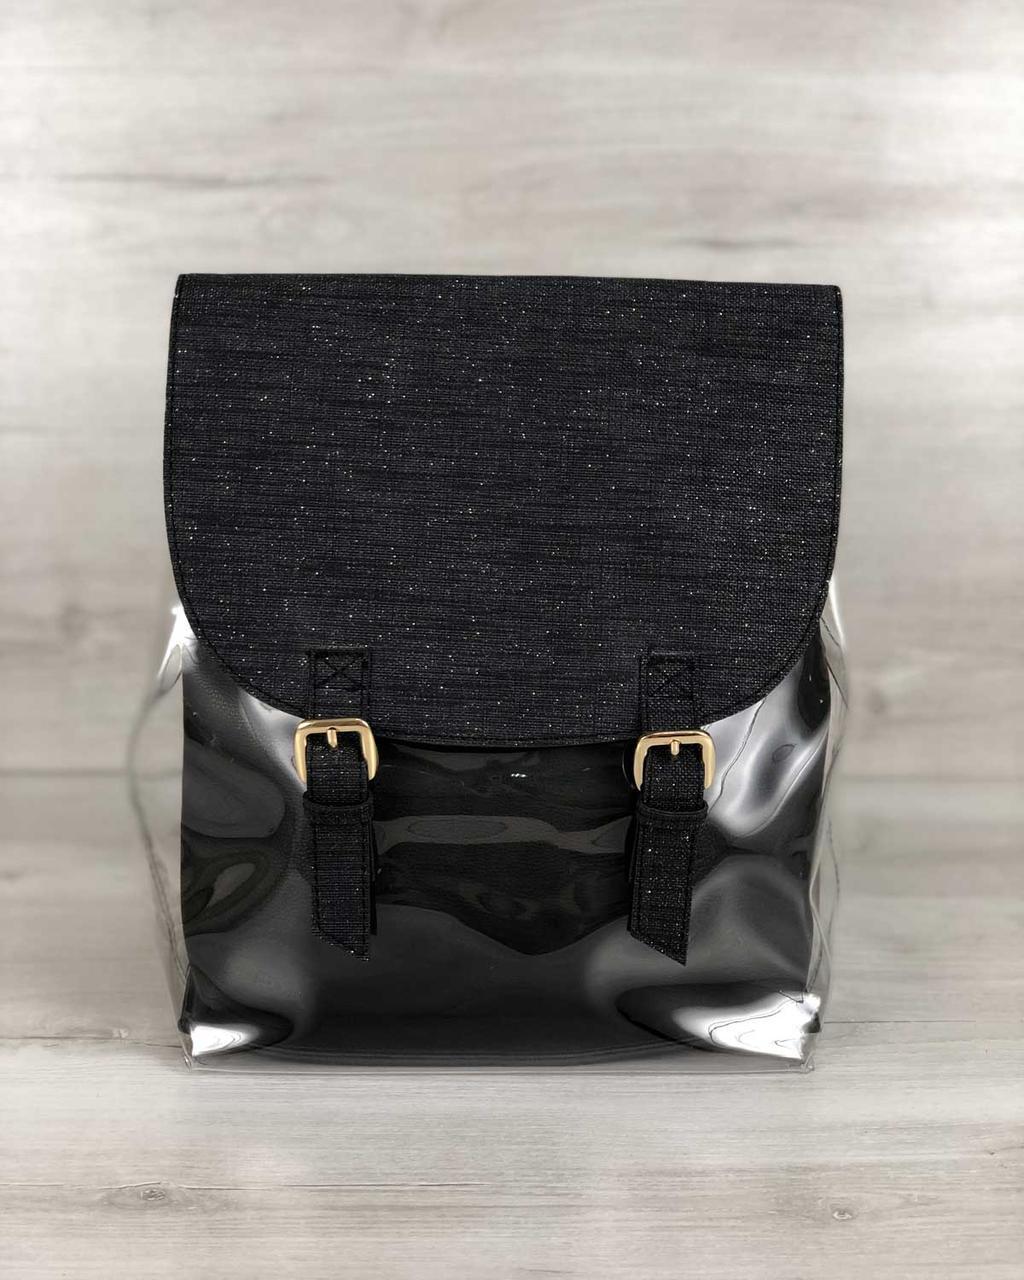 Стильный молодежный сумка-рюкзак женский городской повседневный силиконовый с косметичкой черный блеск